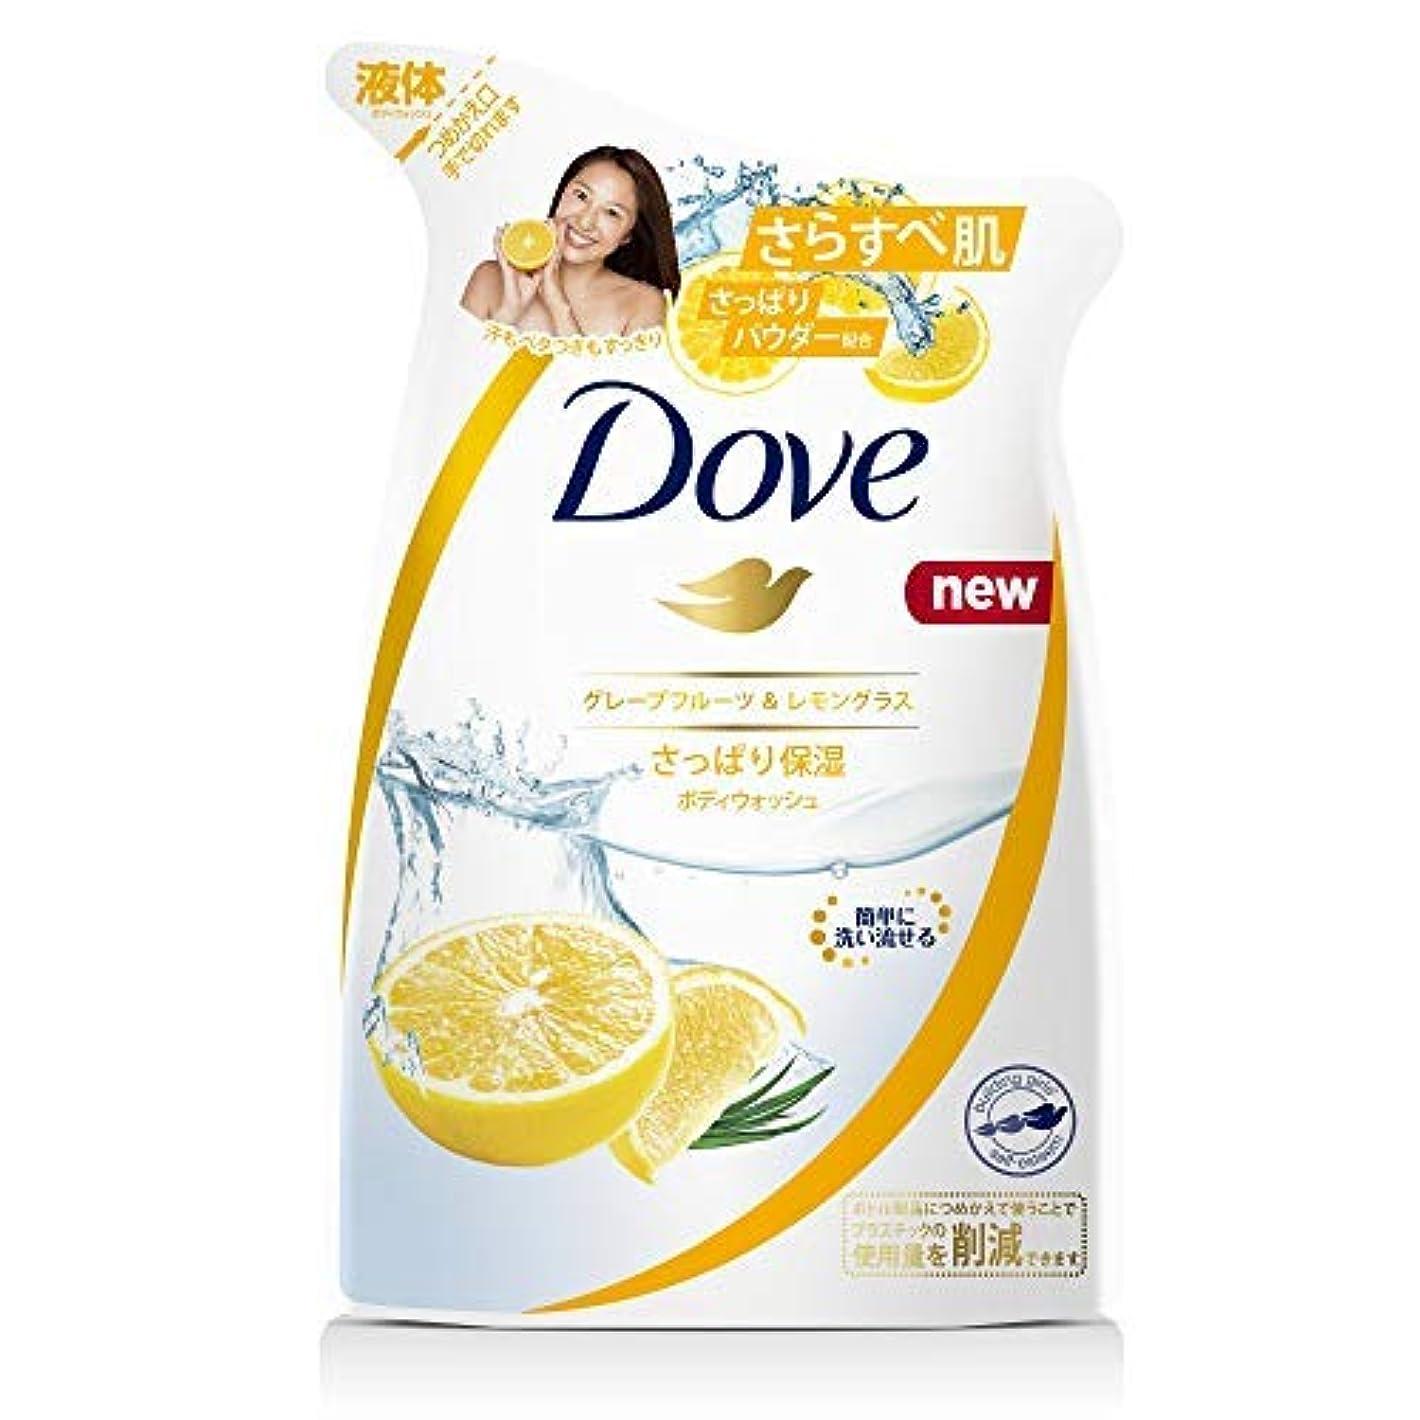 魅力的淡いどちらかダヴ ボディウォッシュ グレープフルーツ&レモングラス つめかえ用 360g × 2個セット